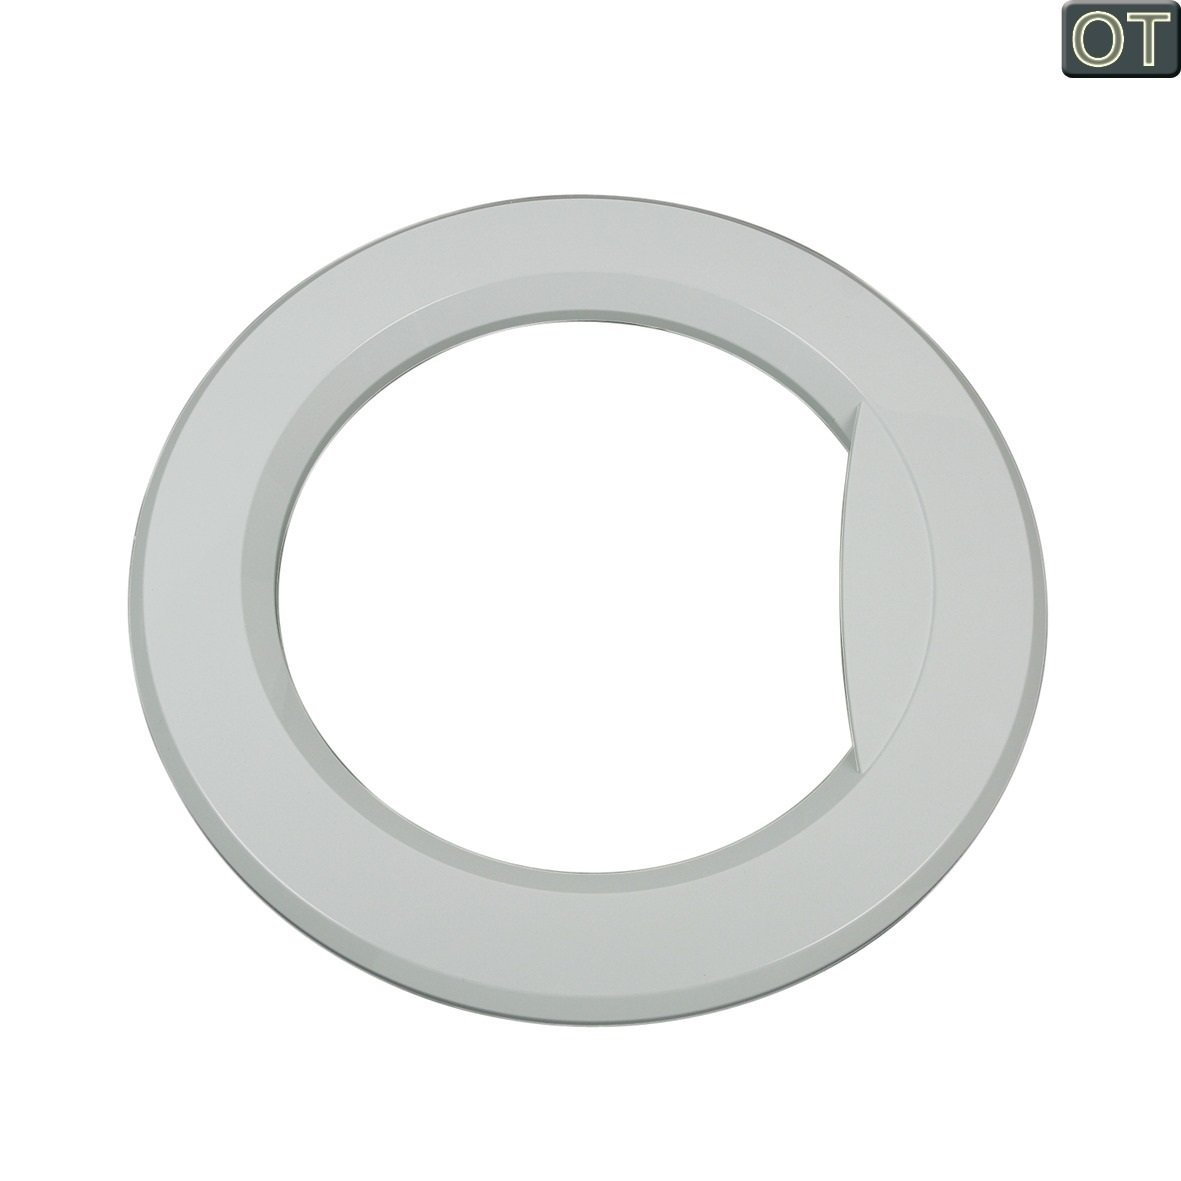 1 Stück Türring Türrahmen Plastik Kunststoff Bullauge für Waschmaschinentür aussen passend für Gorenje Waschmaschine 154520 Dritthersteller